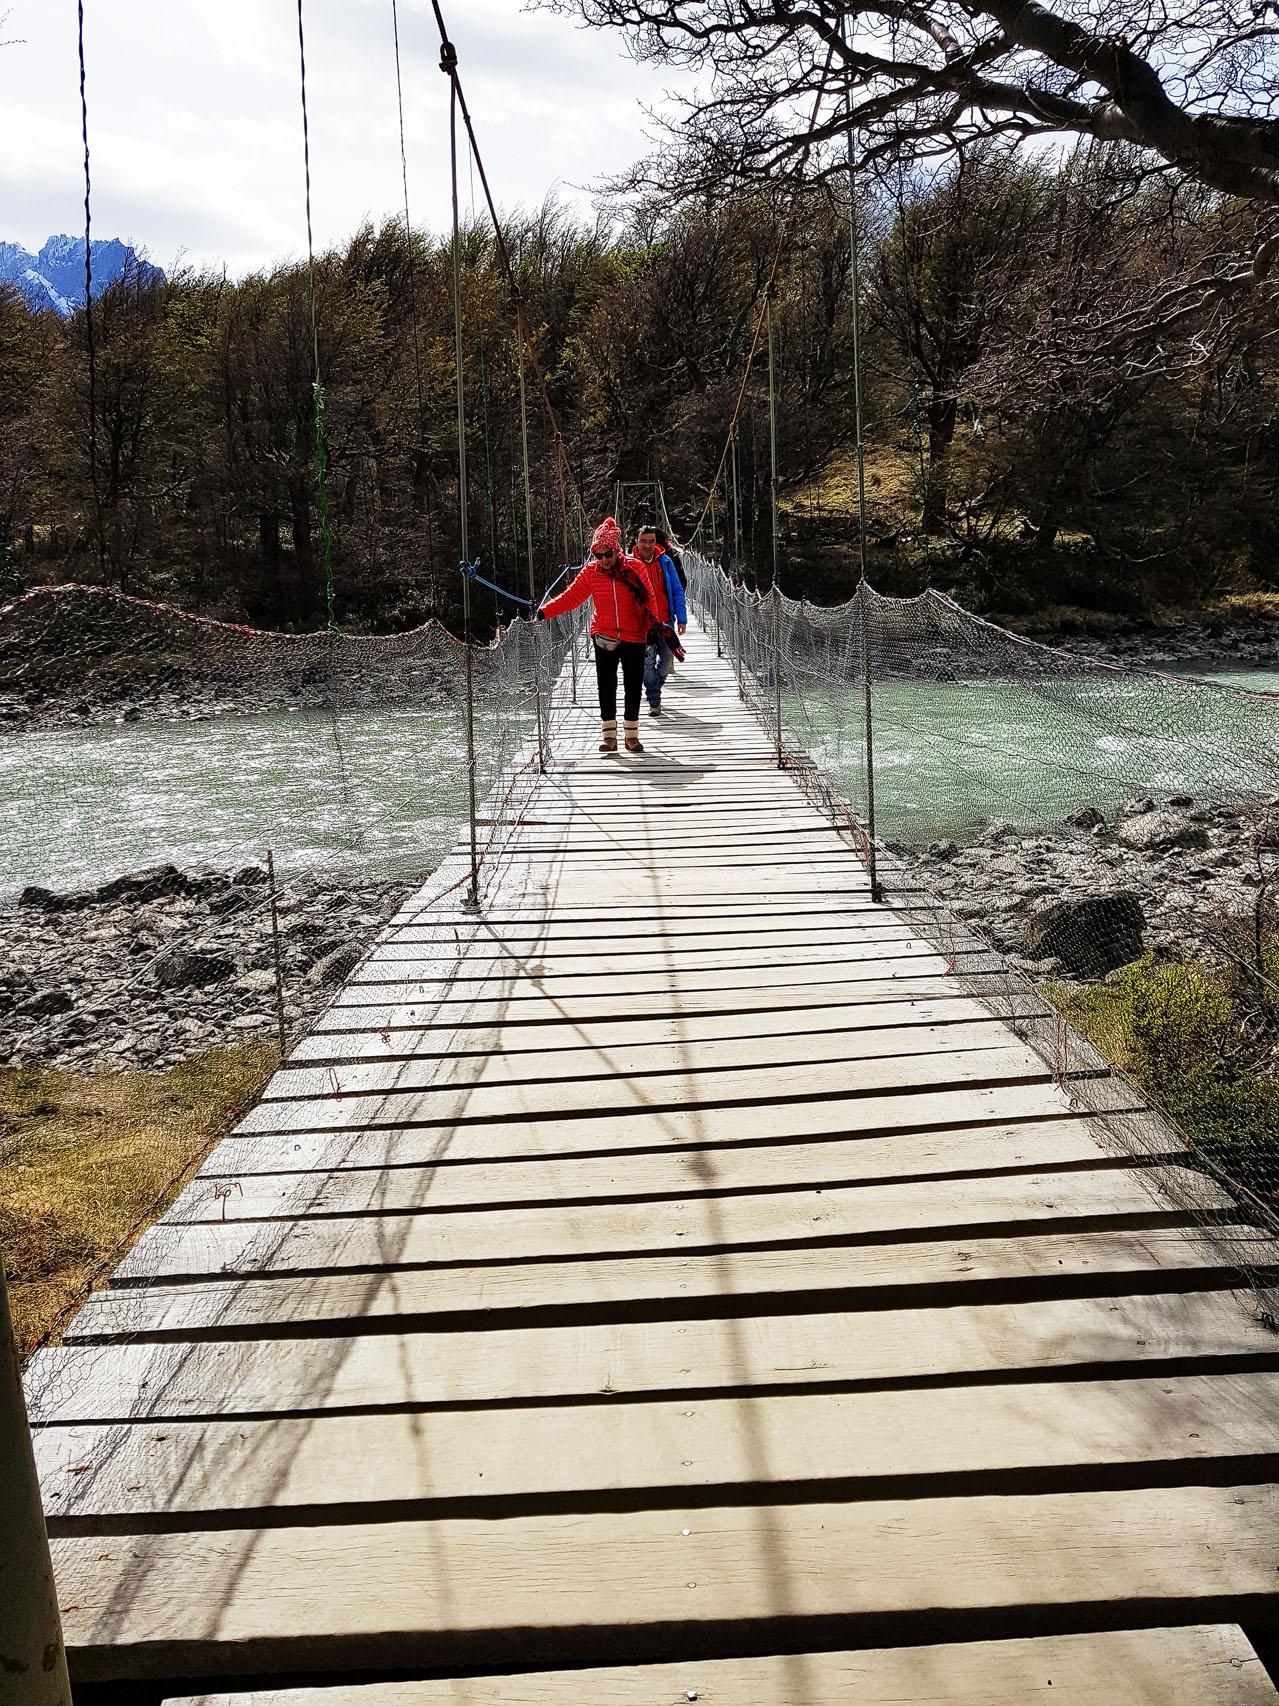 Dorrit überquerte mit ihren 90 Jahren mutig die Hängebrücke, während mir die Knie schlotterten